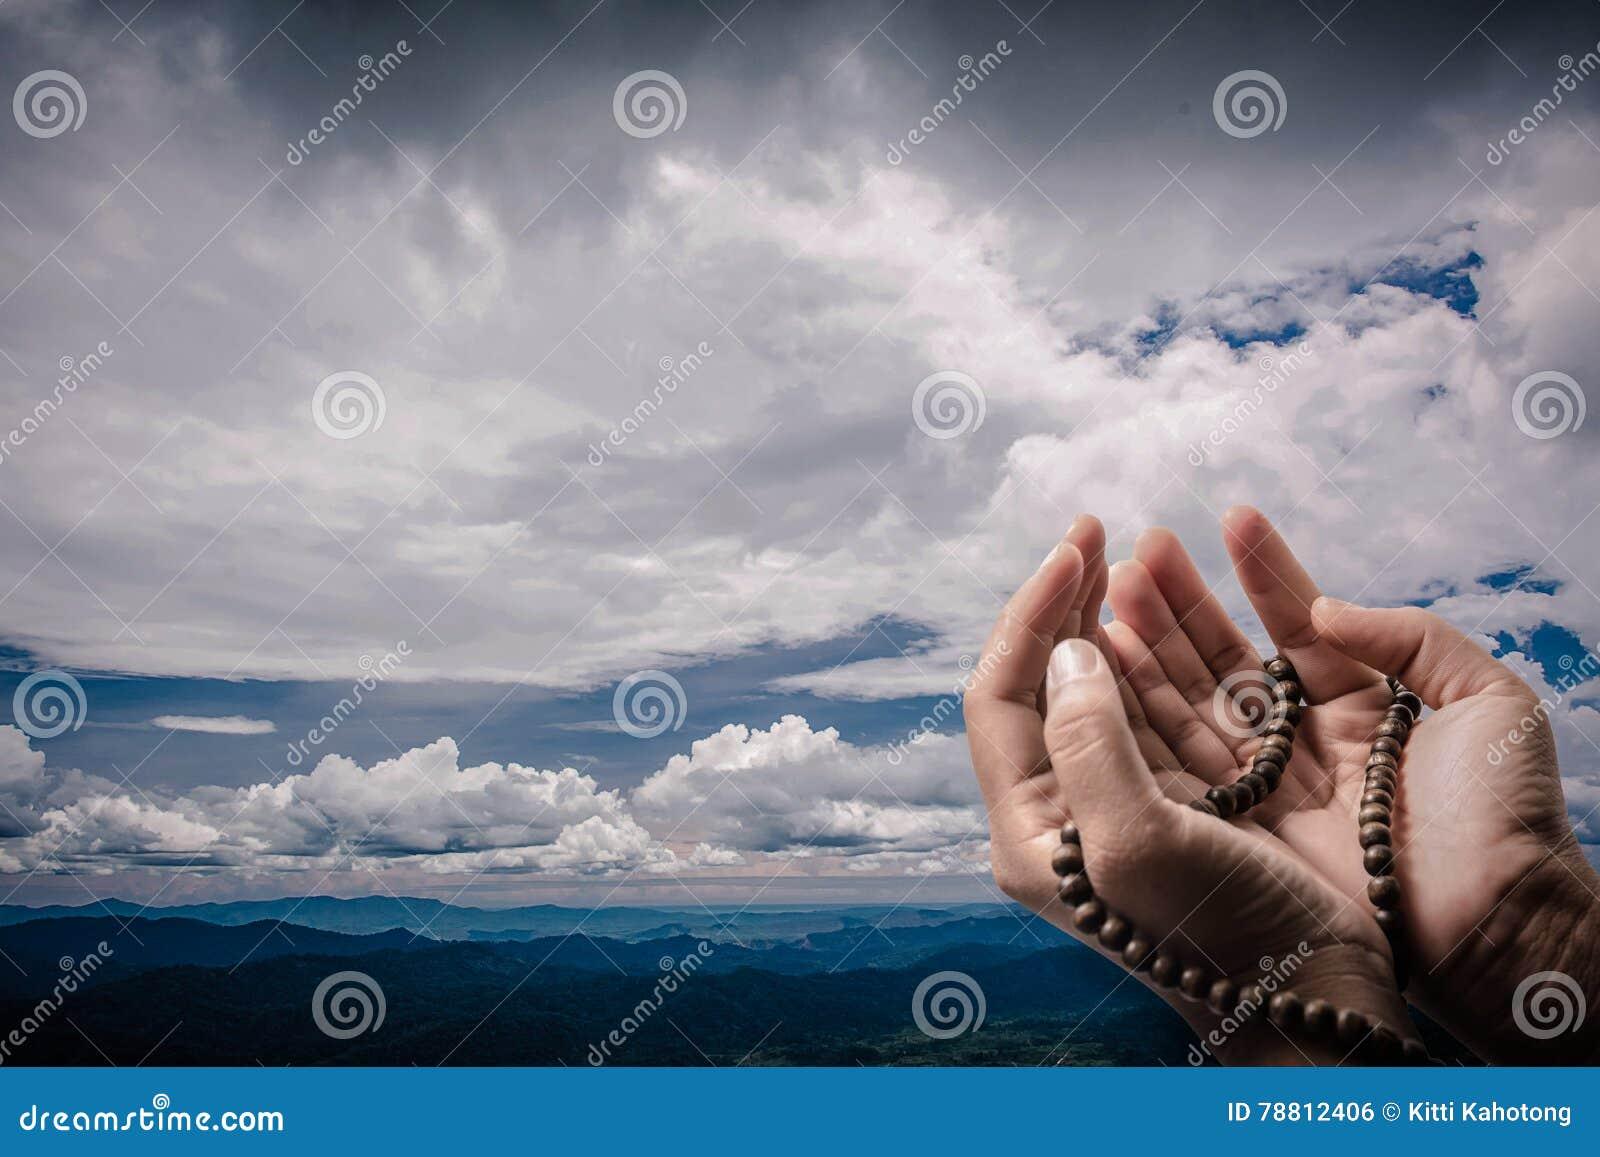 La Credenza In Dio : Musulmani che pregano per allah dio illustrazione di